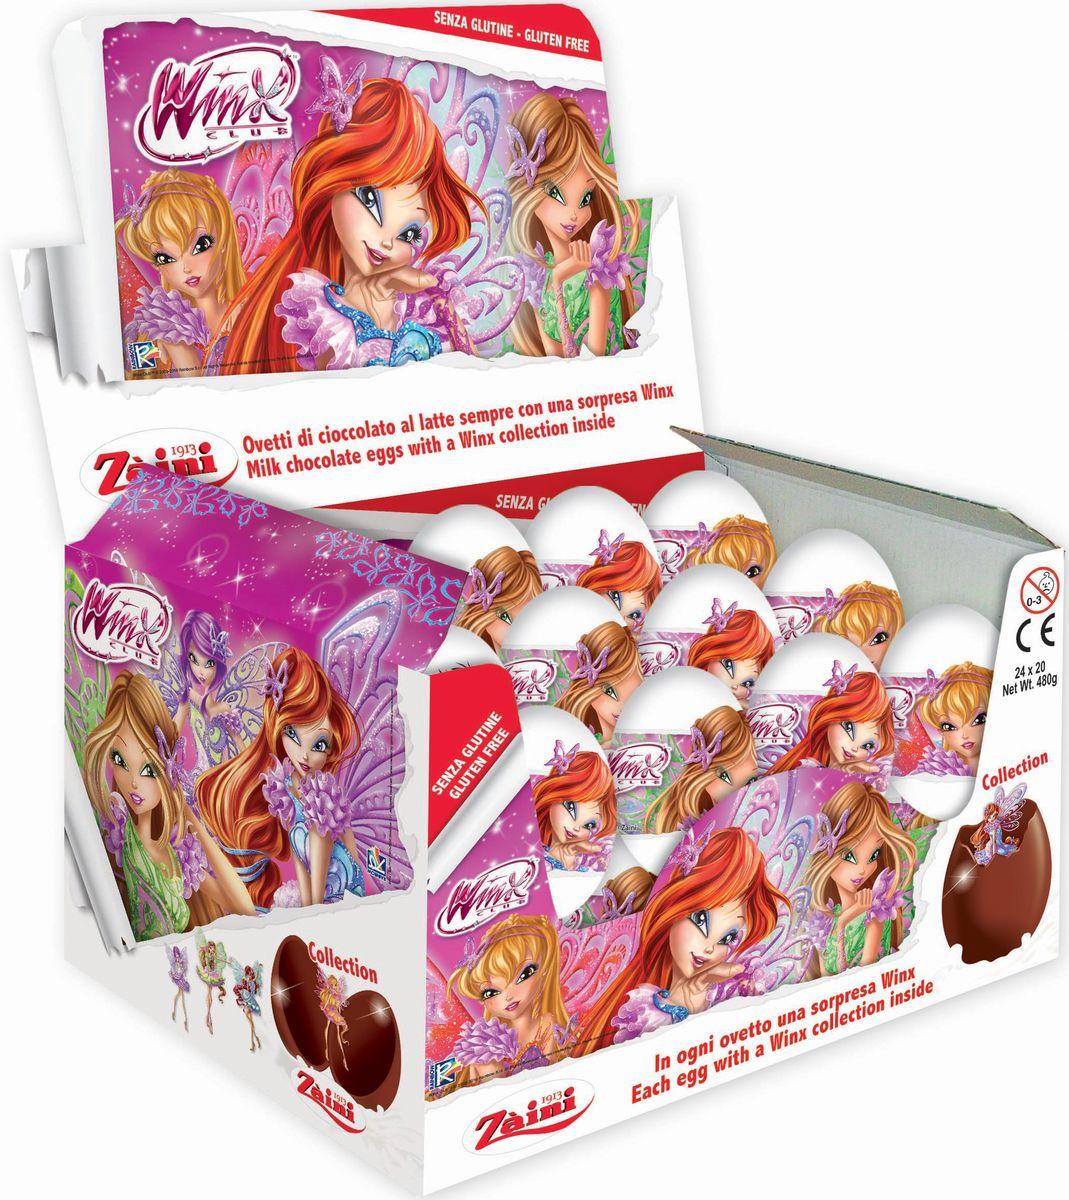 Zaini Winx шоколадные яйца с игрушкой, 24 шт по 20 г7780Шоколадные яйца с игрушкой серии Winx